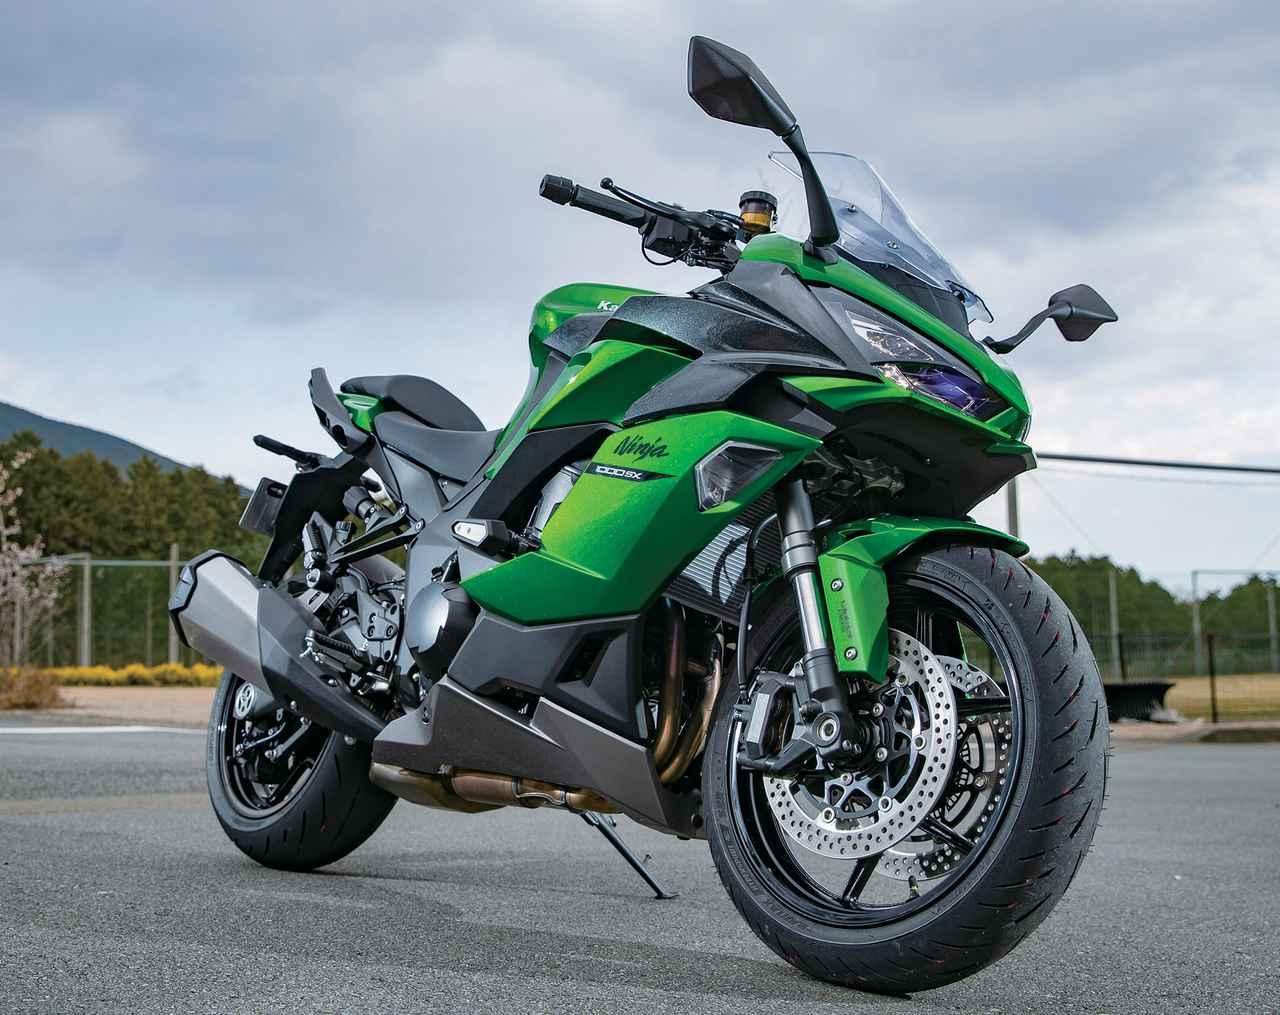 画像: Kawasaki Ninja 1000SX エンジン形式:水冷4ストDOHC4バルブ並列4気筒 総排気量:1043cc 最高出力:141PS/10000rpm 最大トルク:11.3kgf・m/8000rpm シート高:820mm 車両重量:236kg 燃料タンク容量:19L タイヤサイズ(前・後):120/70ZR17・190/50ZR17 メーカー希望小売価格:148万5000円(消費税10%込)